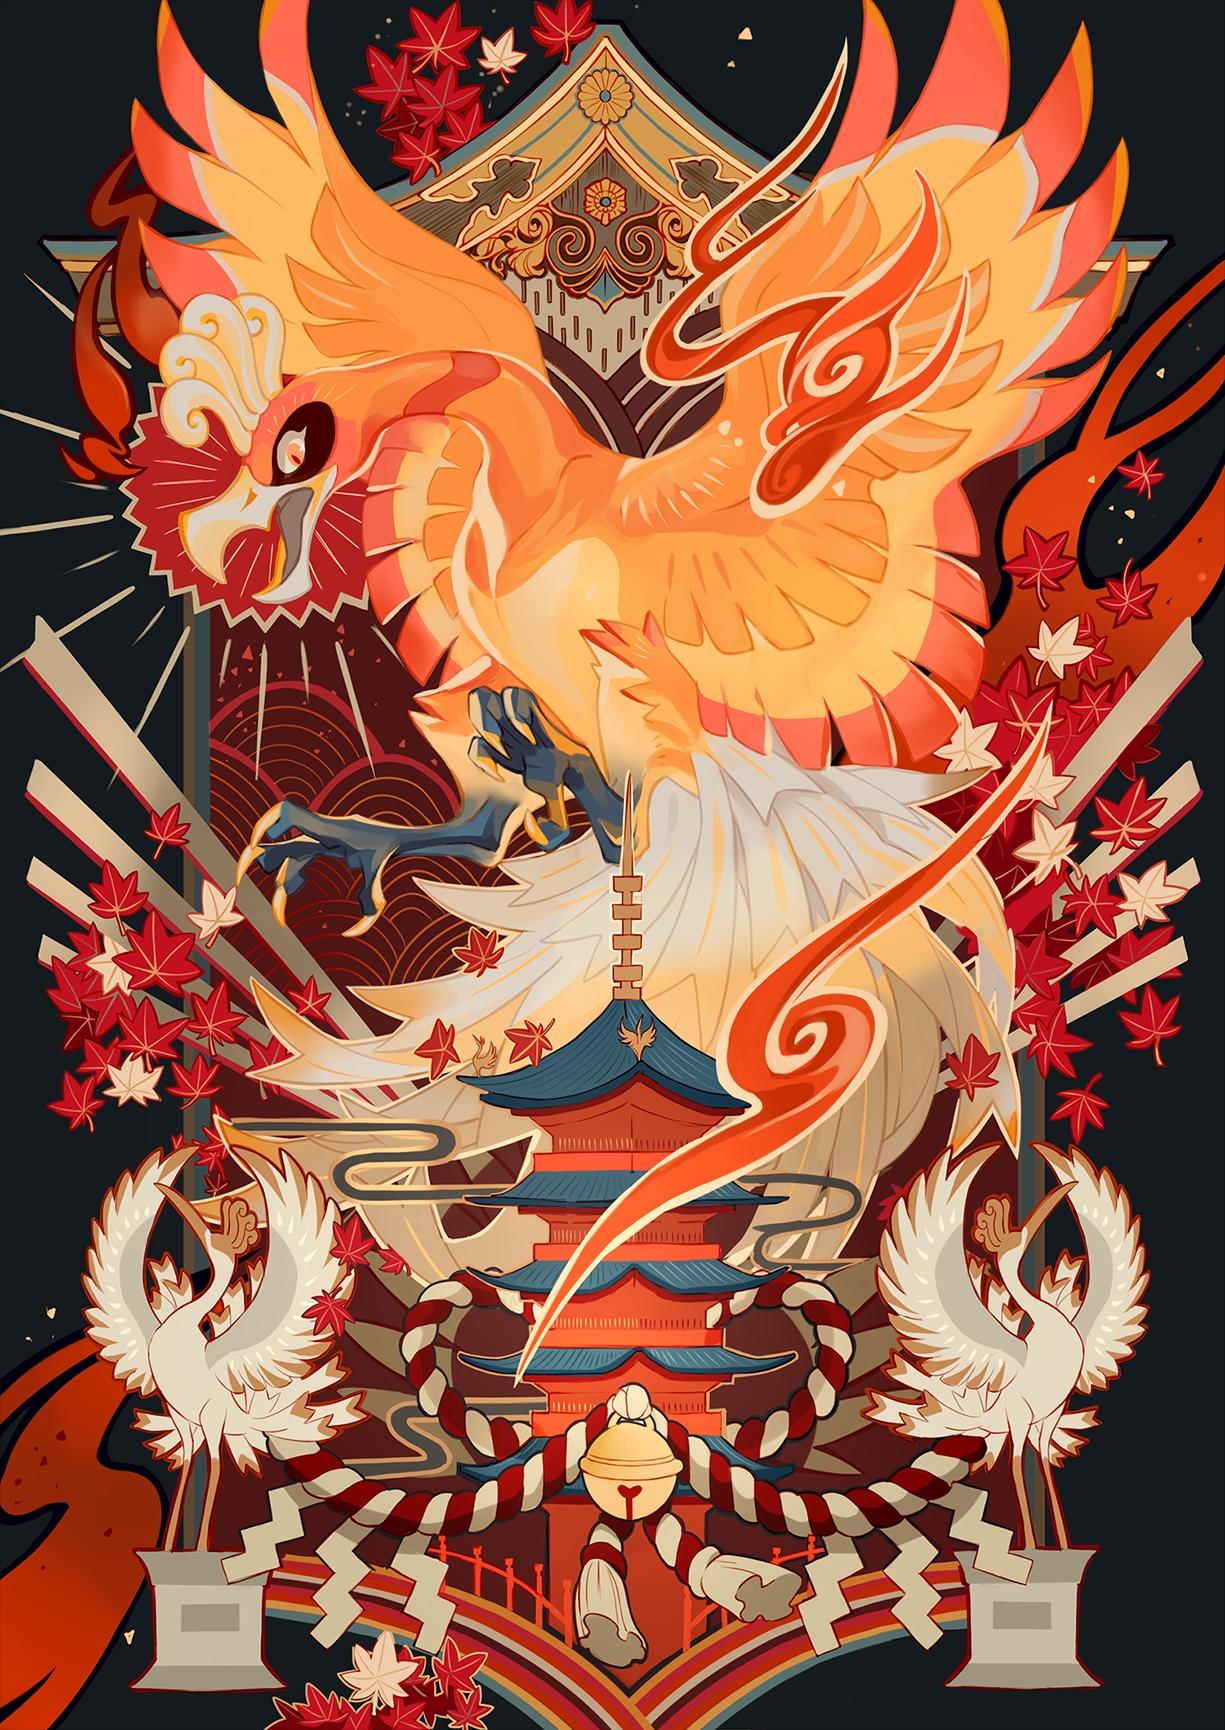 Ho oh   Pokmon   Mobile Wallpaper 2084926   Zerochan Anime Image 1225x1730